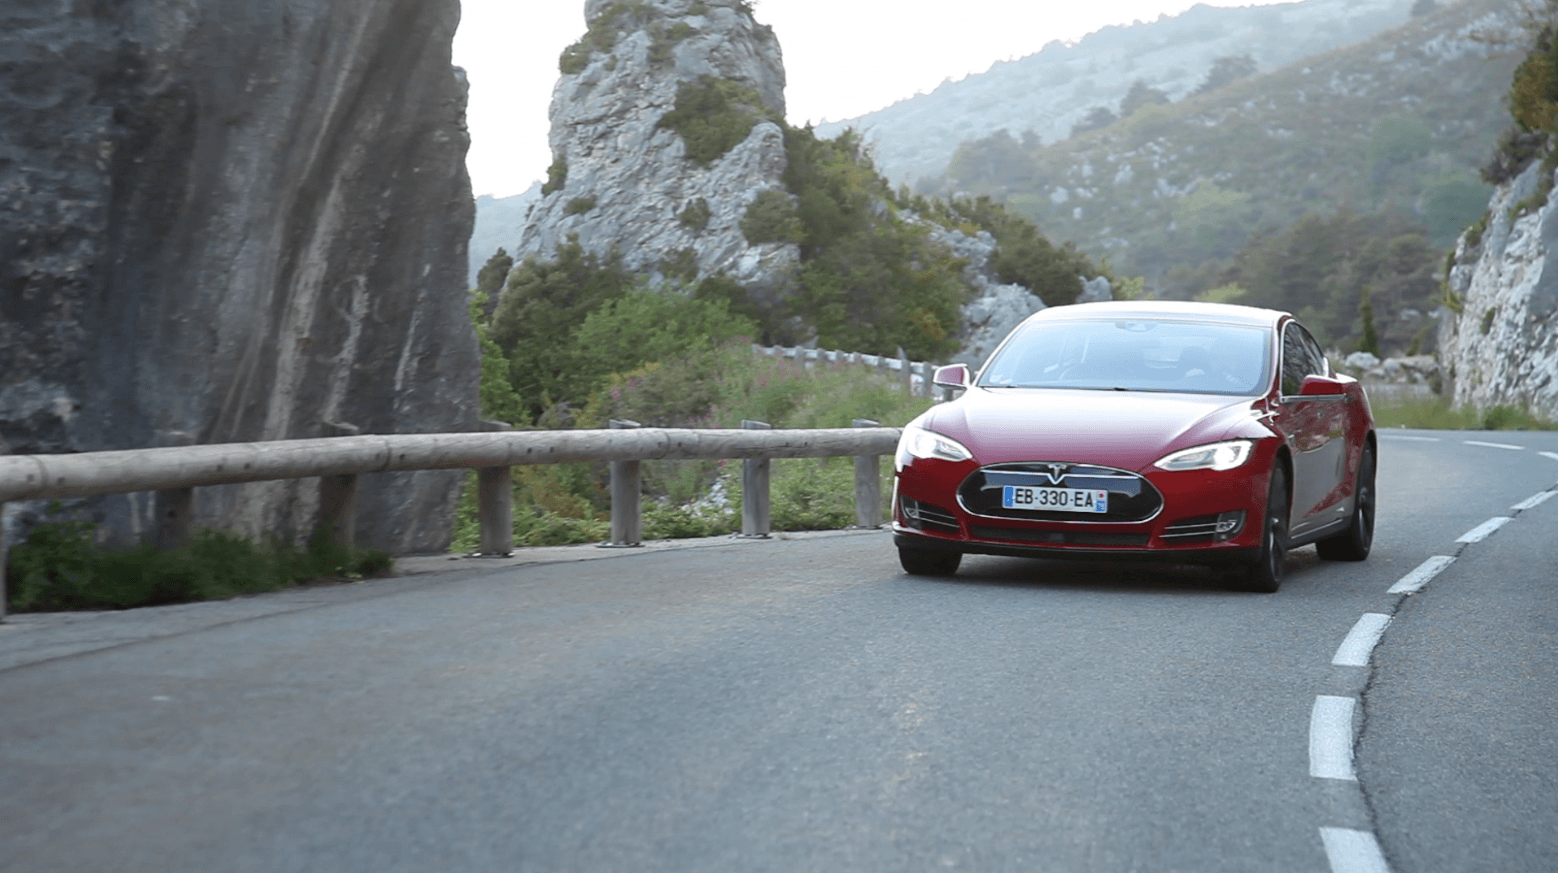 Test de la Tesla Model S : bienvenue dans le futur de l'automobile